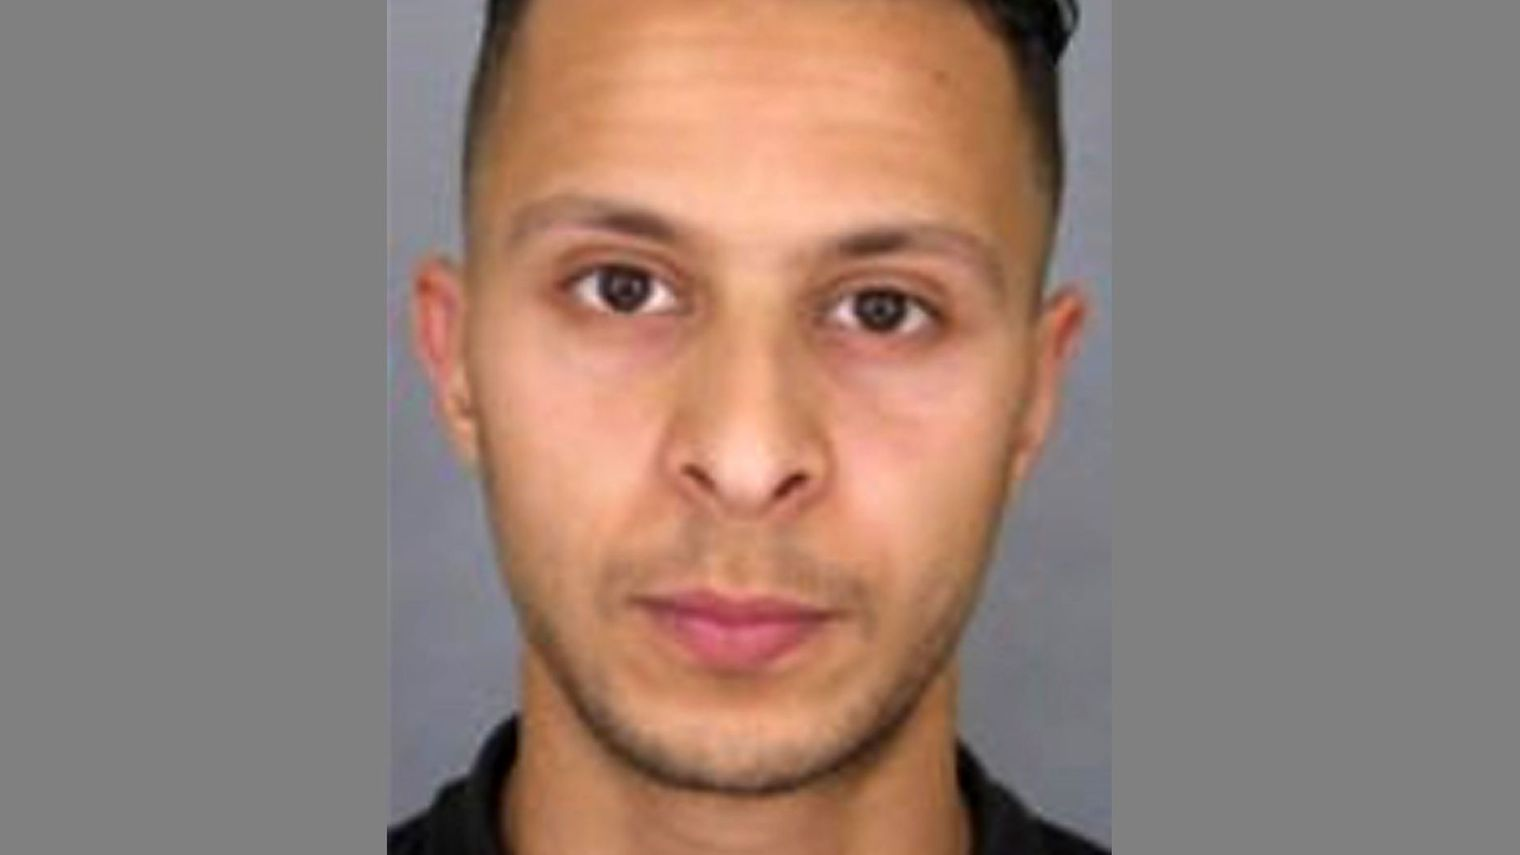 Attentats de Paris: Salah Abdeslam a quitté l'hôpital Saint-Pierre de Bruxelles